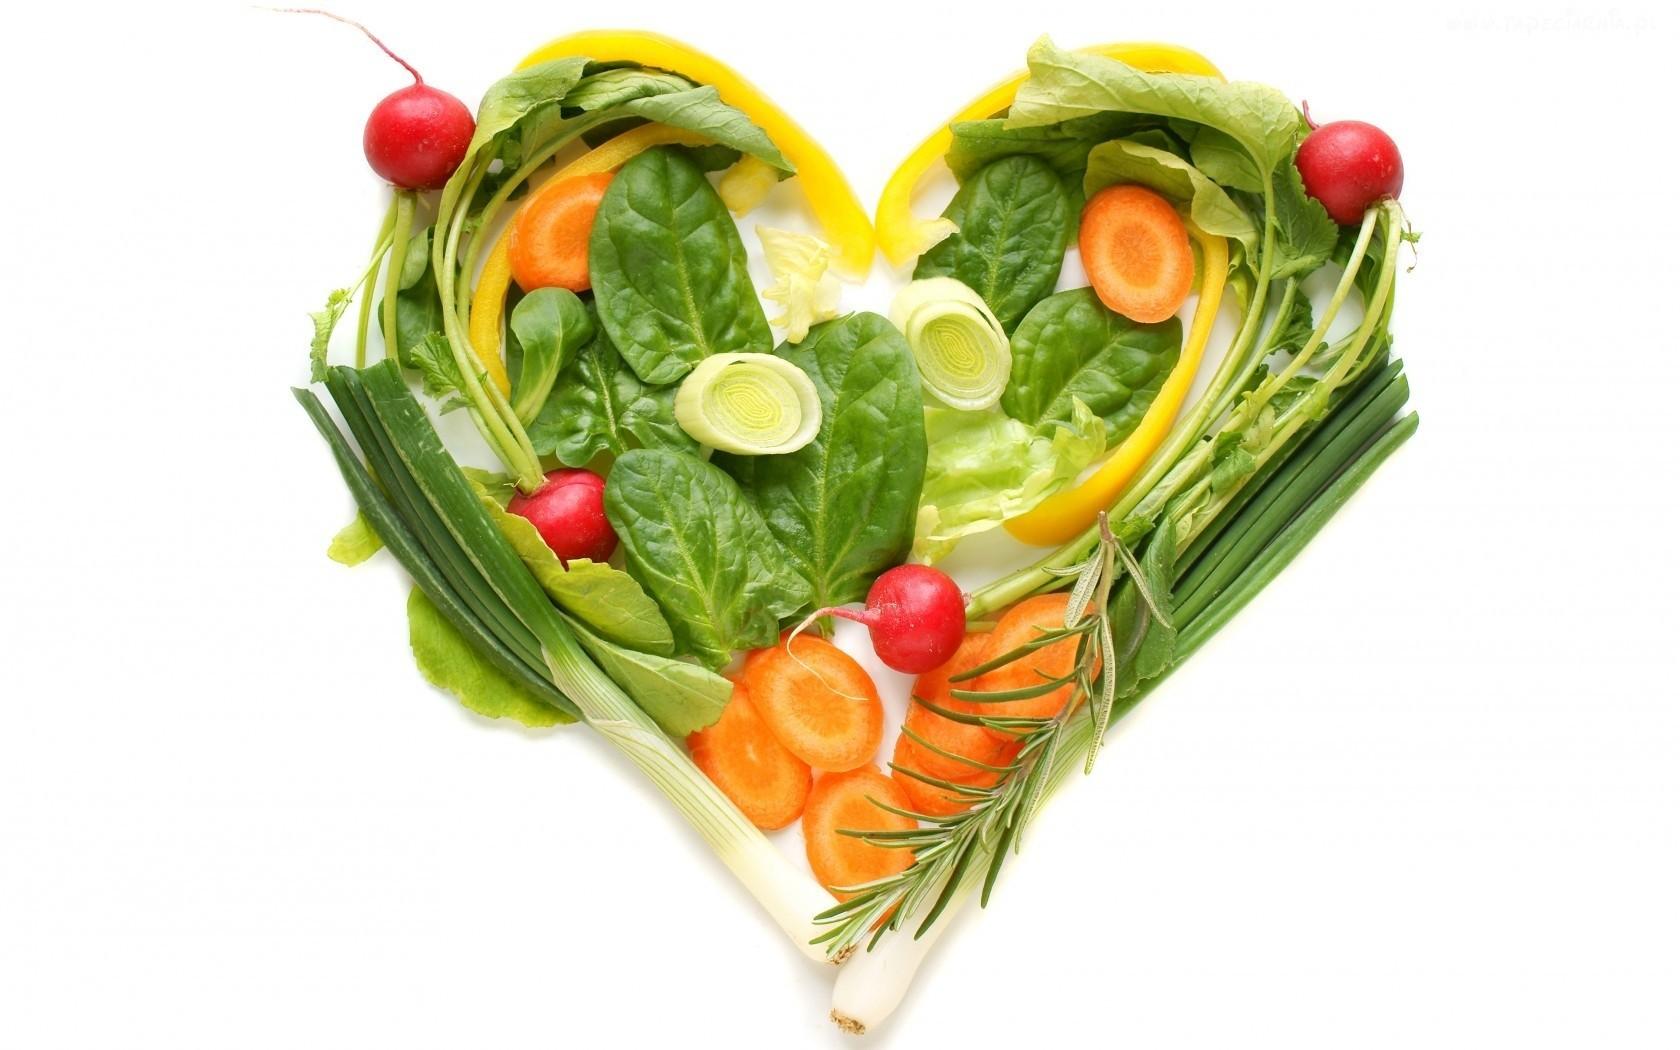 pestycydy w warzywach i owocach